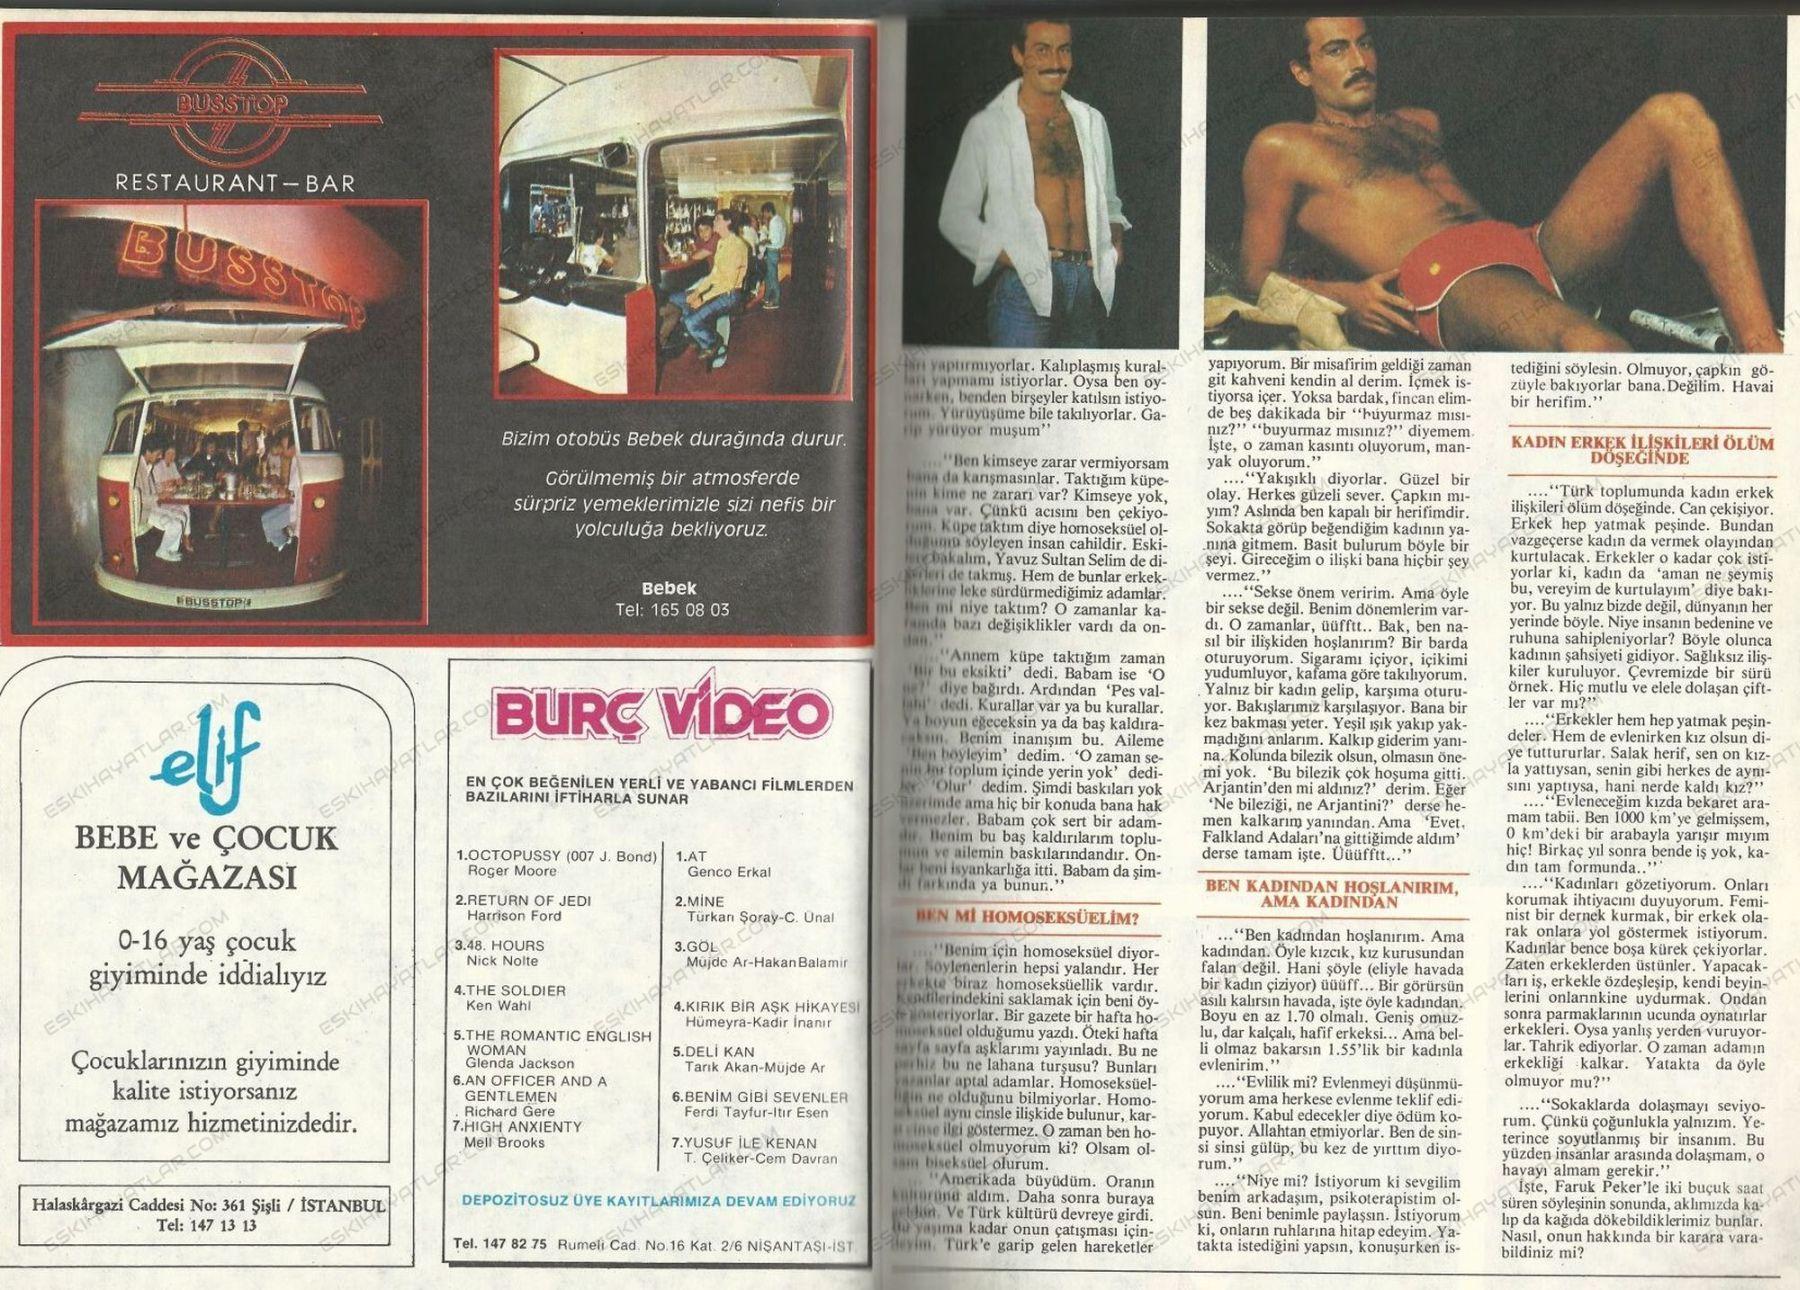 faruk-peker-herkese-evlenme-teklifi-ediyorum-1983-kadinca-dergisi (1)